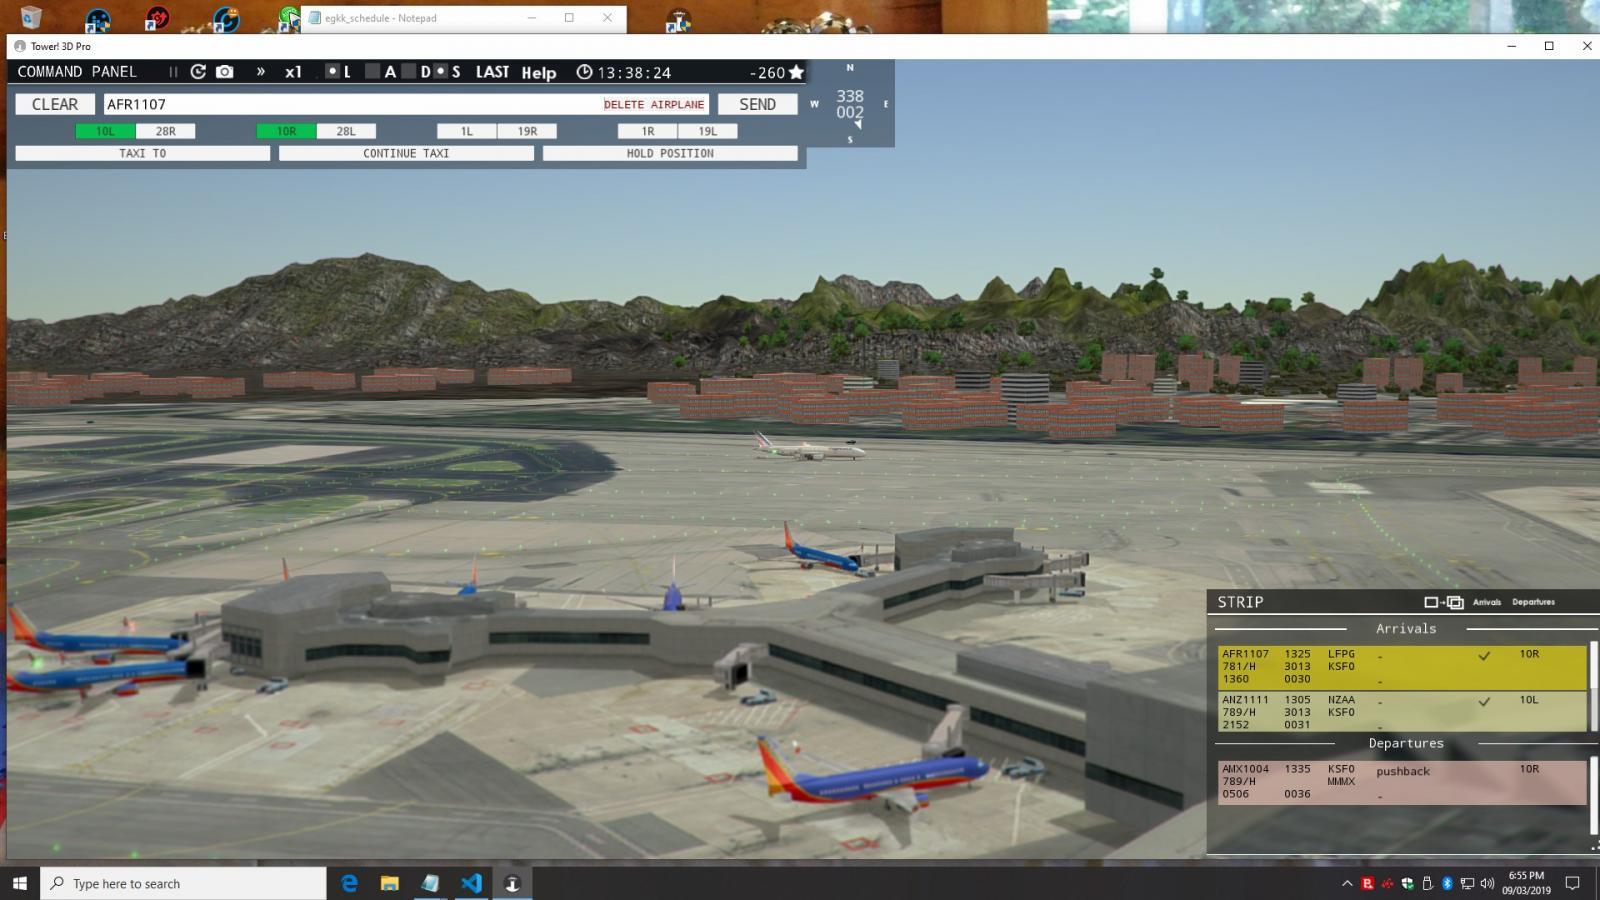 Air France B787-10 At KSFO.jpg